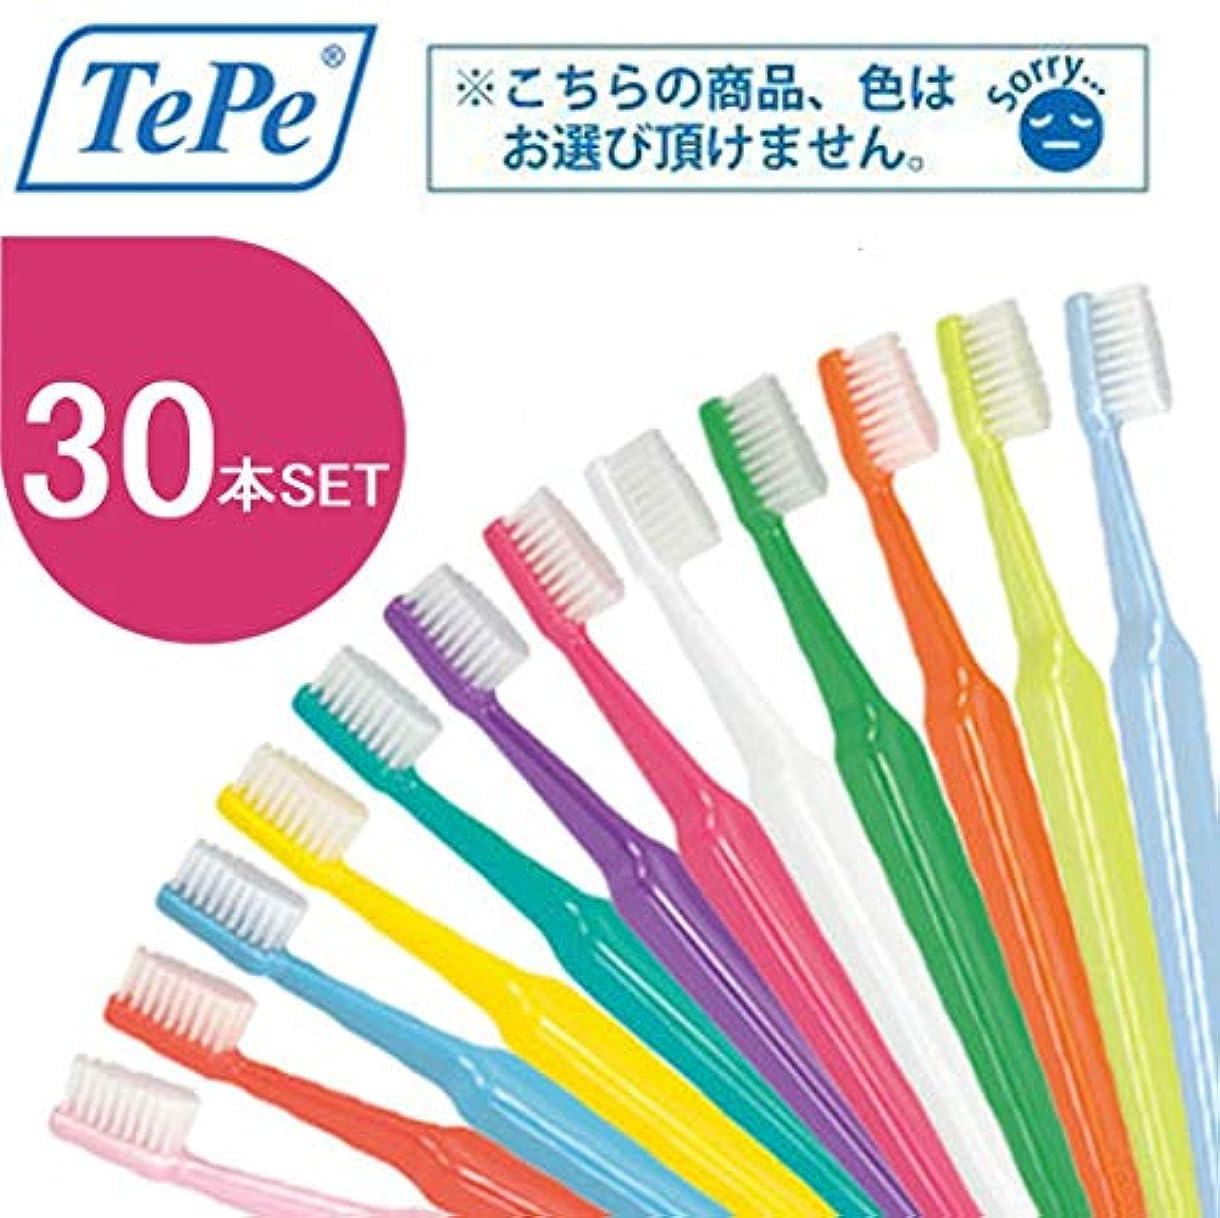 なに逆に焦がすクロスフィールド TePe テペ セレクト 歯ブラシ 30本 (エクストラソフト)